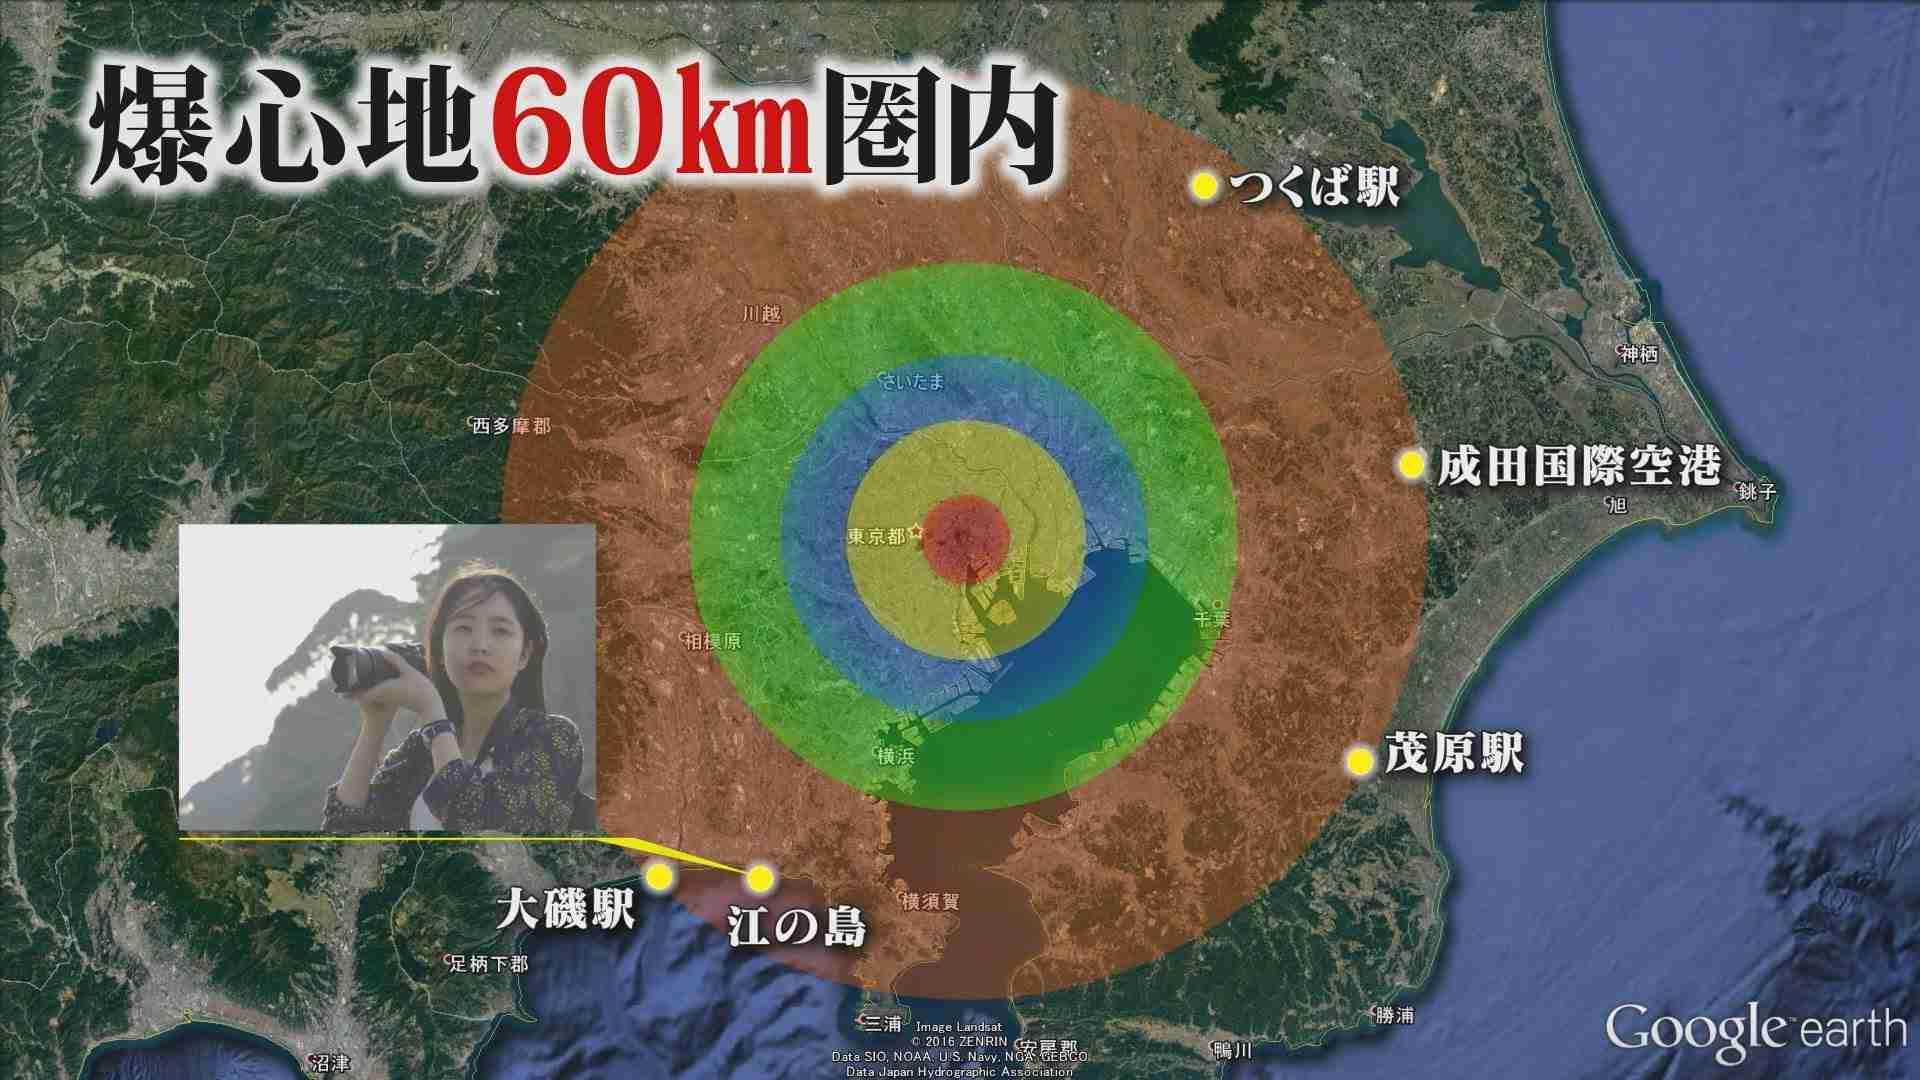 北朝鮮の核ミサイル攻撃の被害をシミュレーションしてみた【ザ・ファクト】 - YouTube